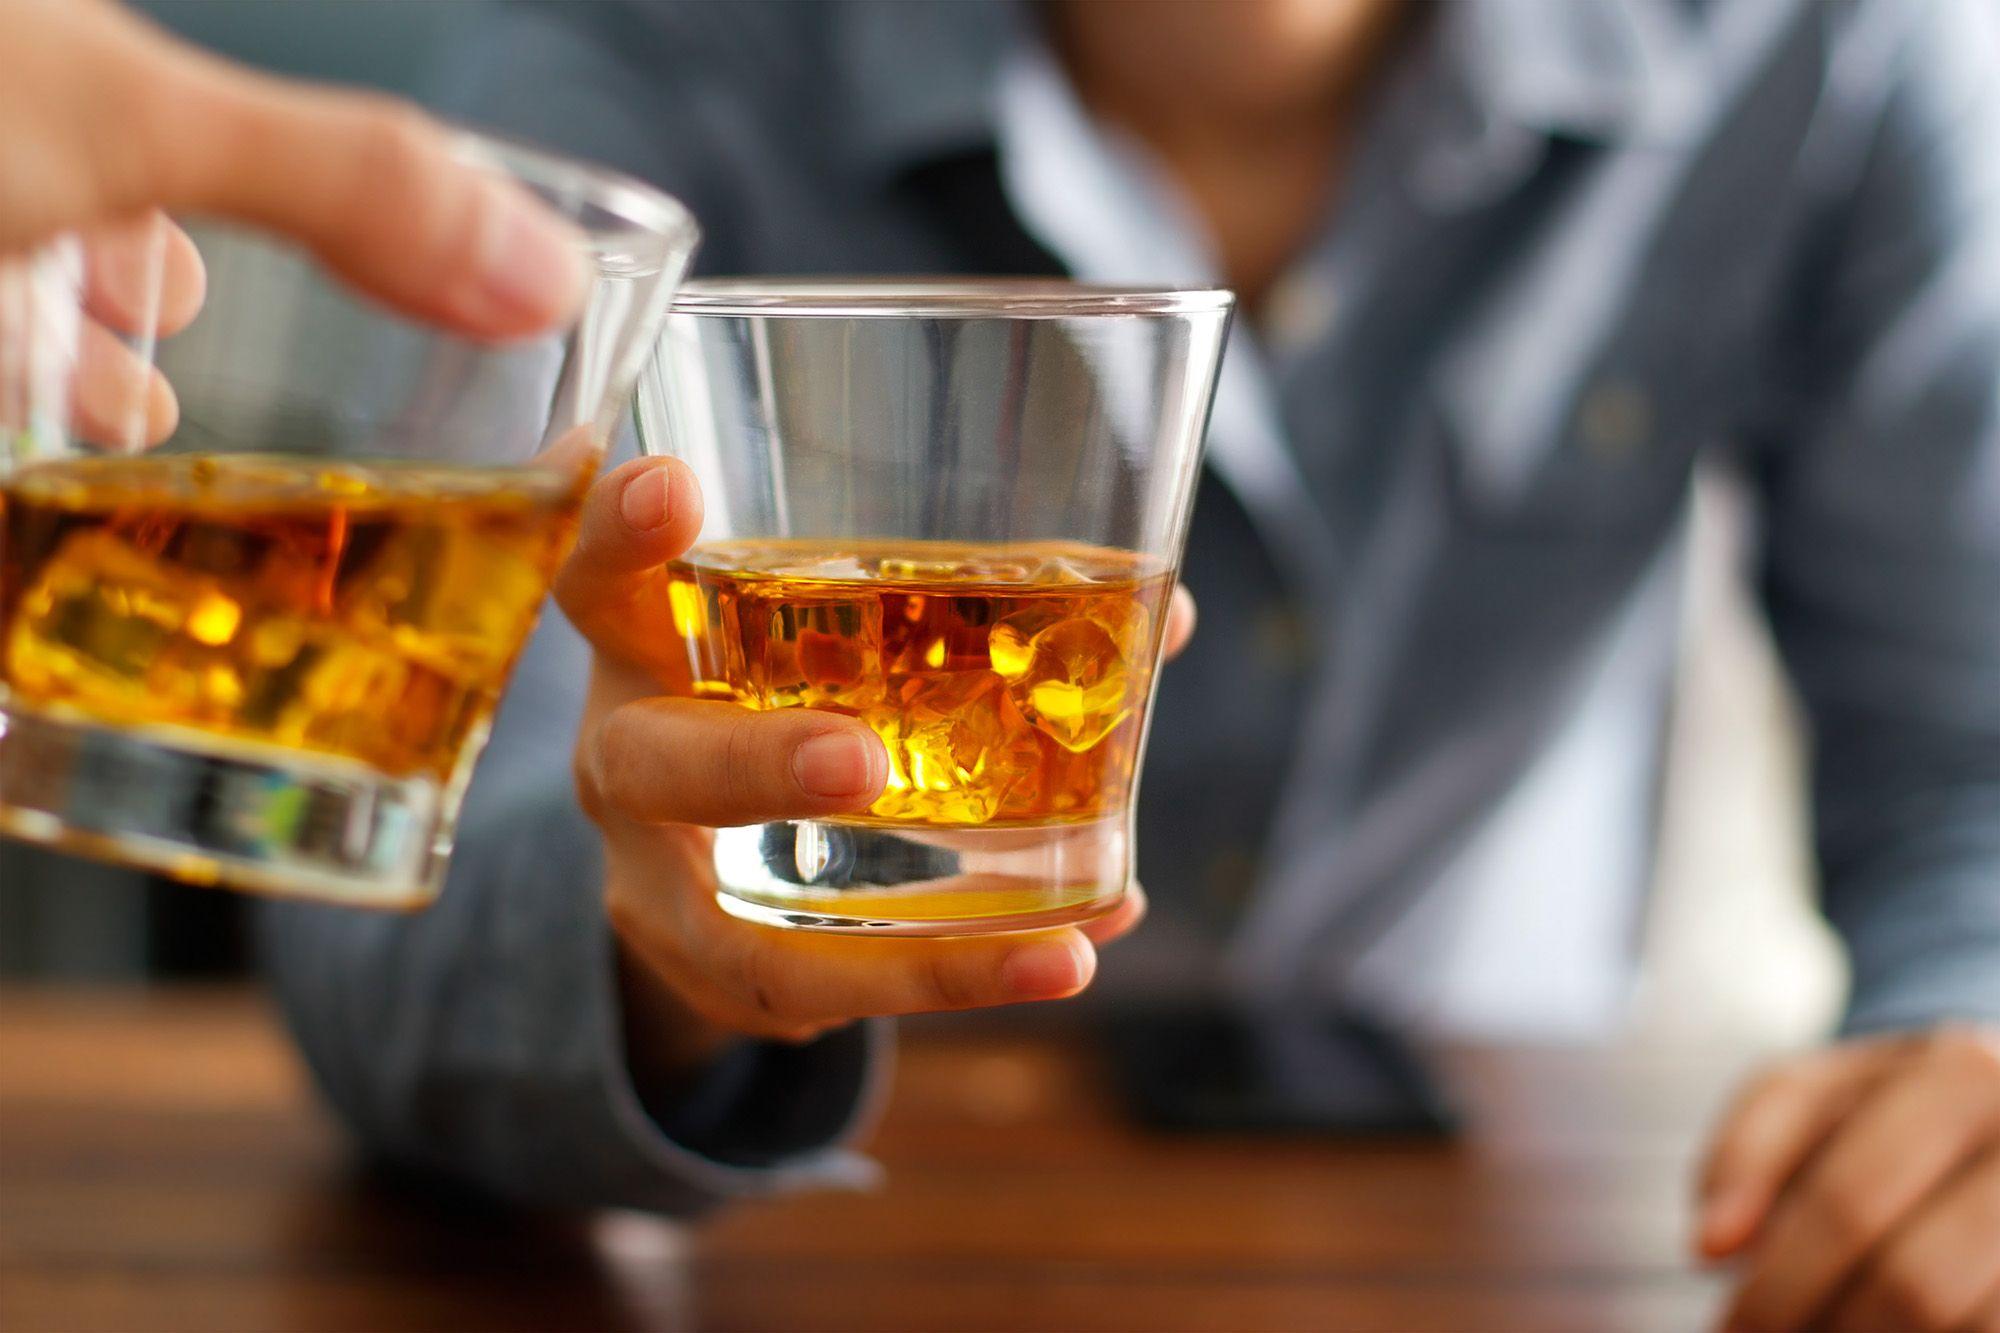 Thường xuyên dùng đồ uống có cồn gây nên suy giảm hormone nam giới